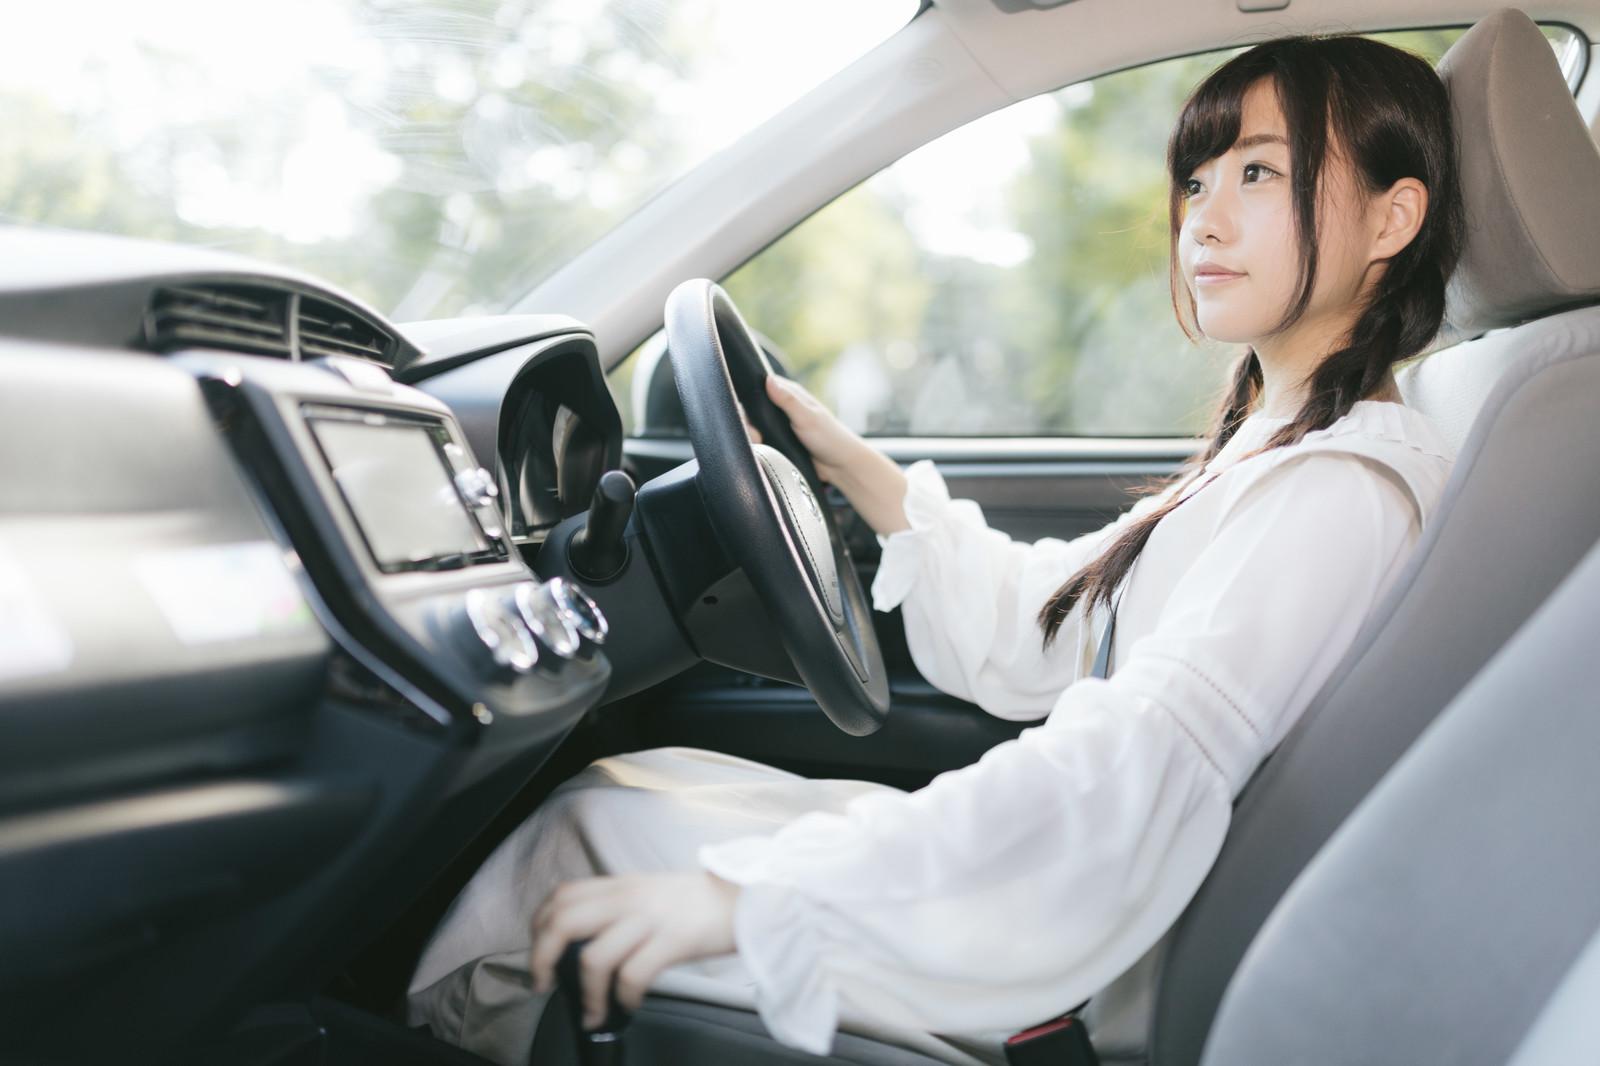 レースクイーンやモデルがパンツマ晒して新車を診断するサイト